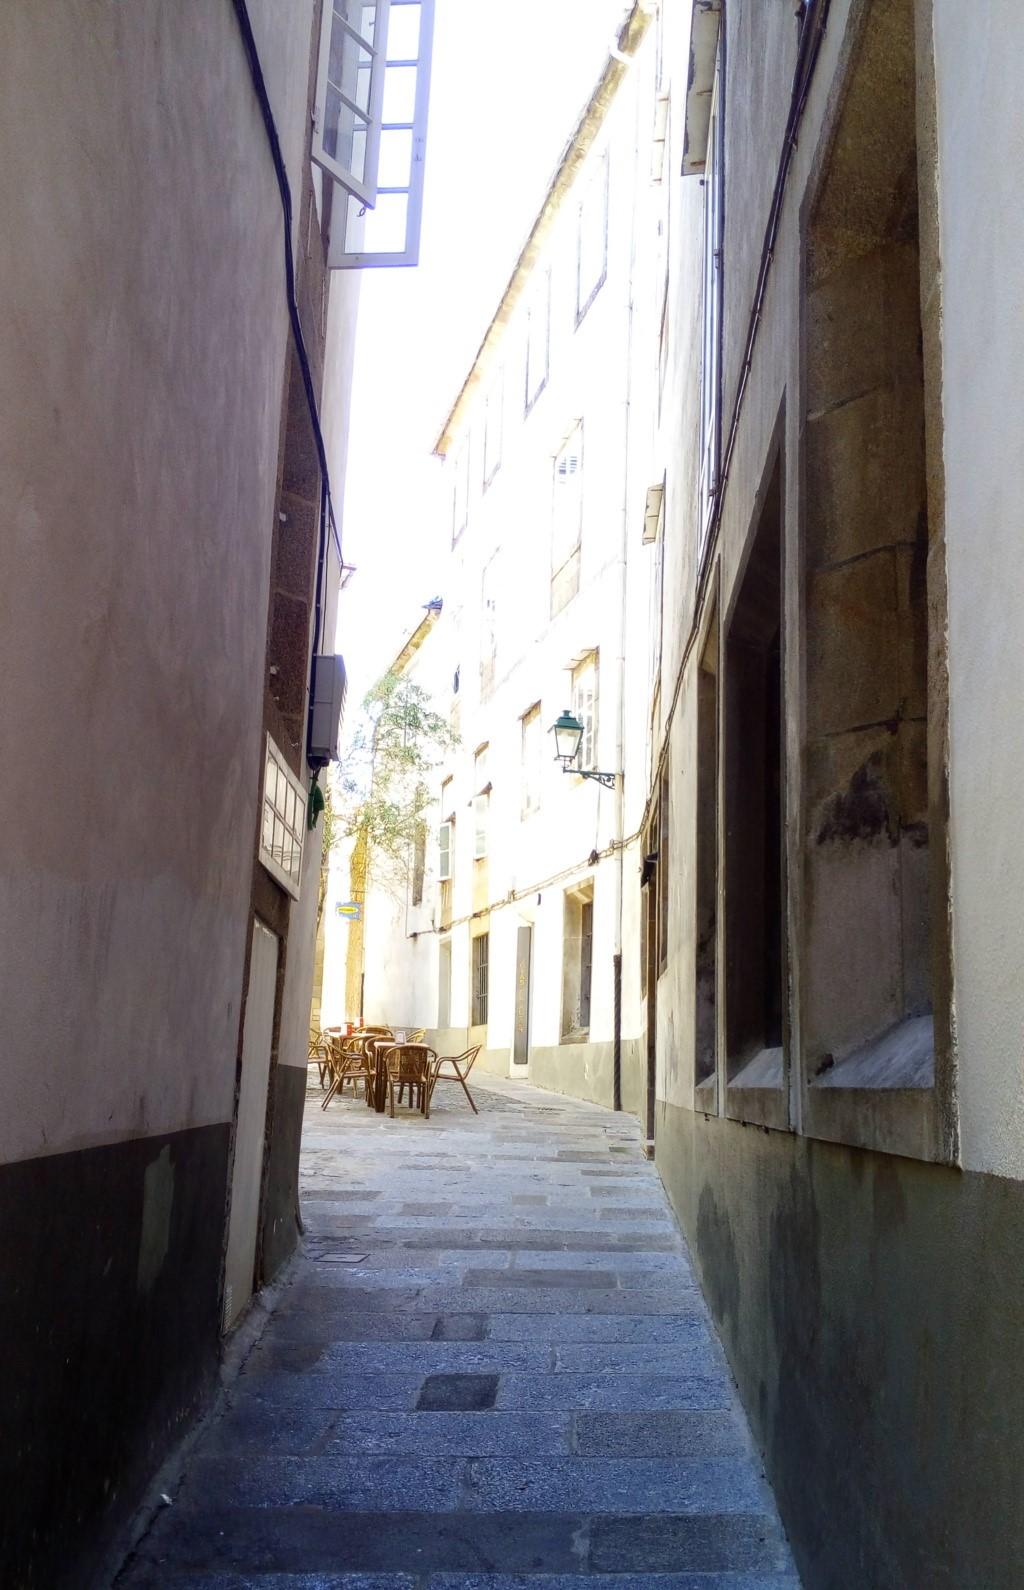 Foto 1 - Saliendo de rúa de Acibechería